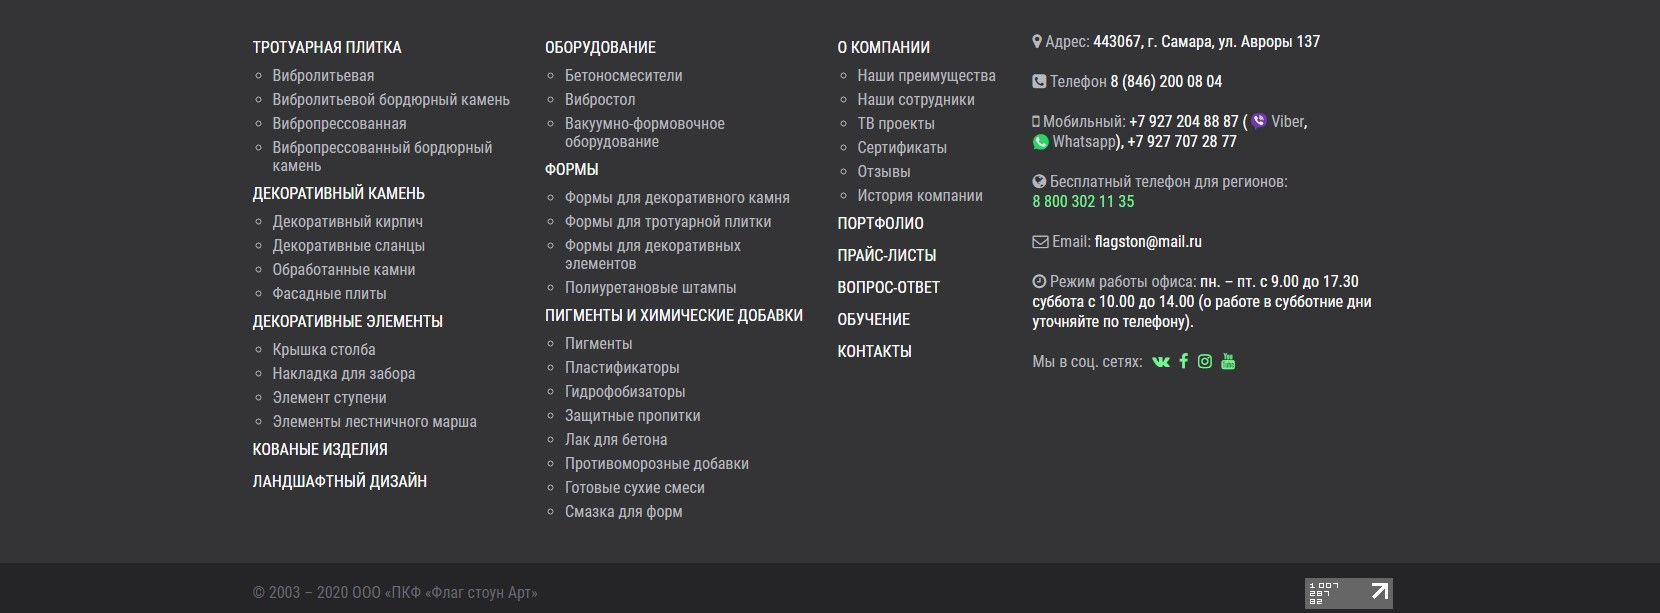 Способы обратной связи в подвале на примере 63plitka.ru